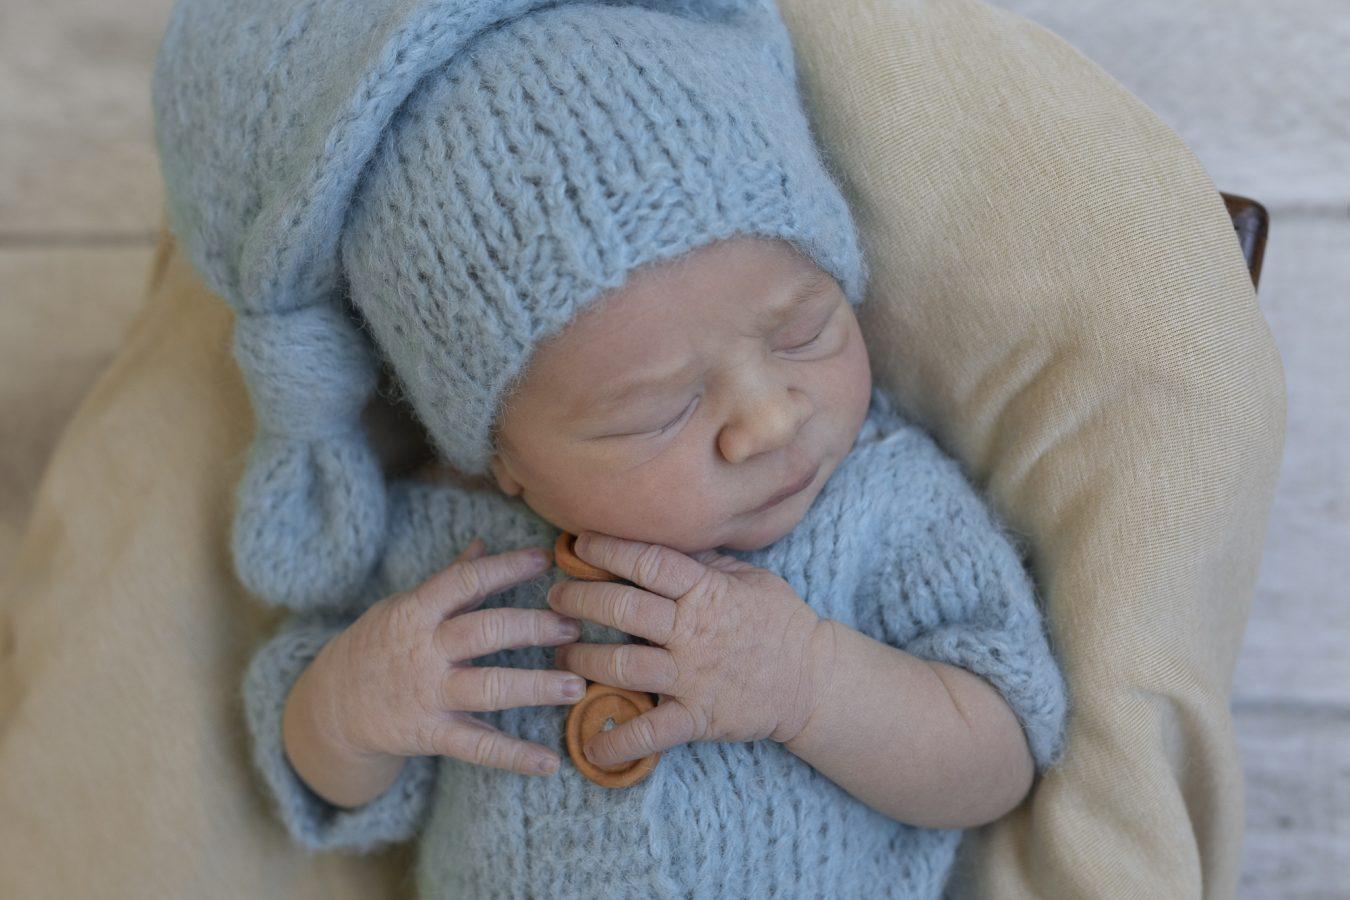 Babyfotos im Krankenhaus - der kleine Kerl schläft in seinem niedlichen Outfit